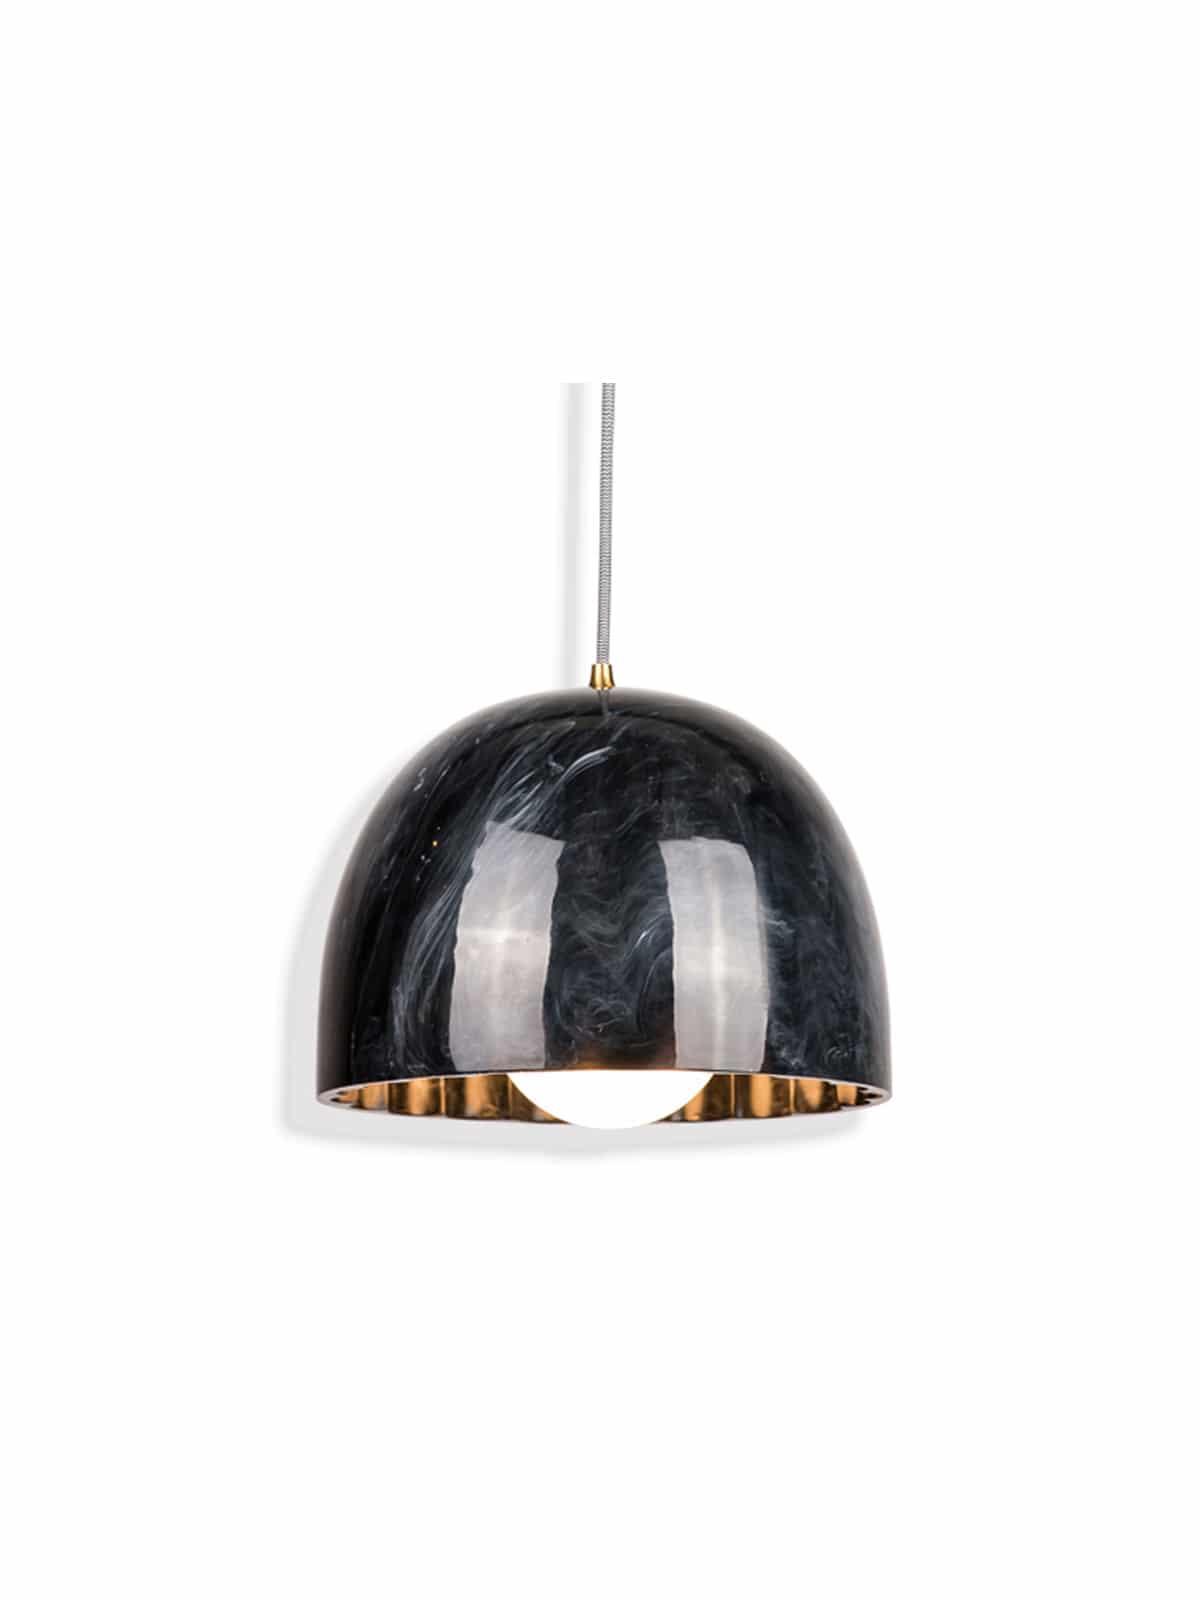 Doric Designerlampe von Innermost